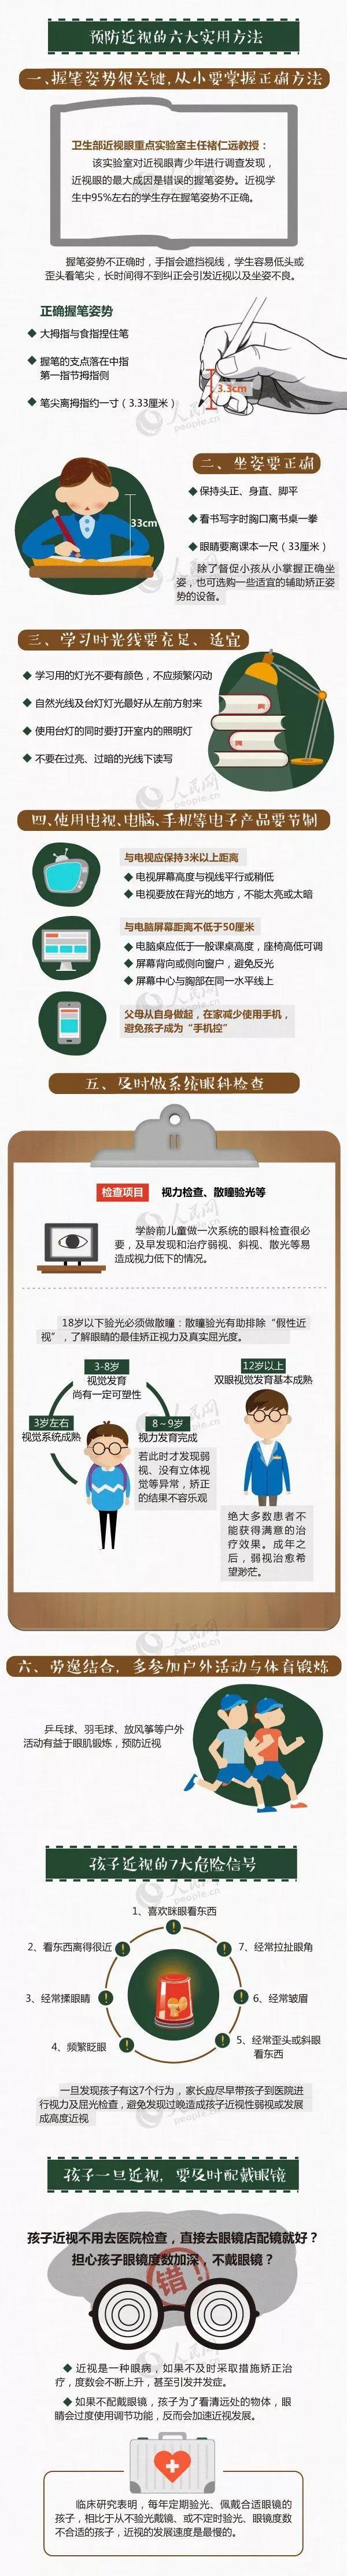 教育部拟禁止用手机平板布置作业